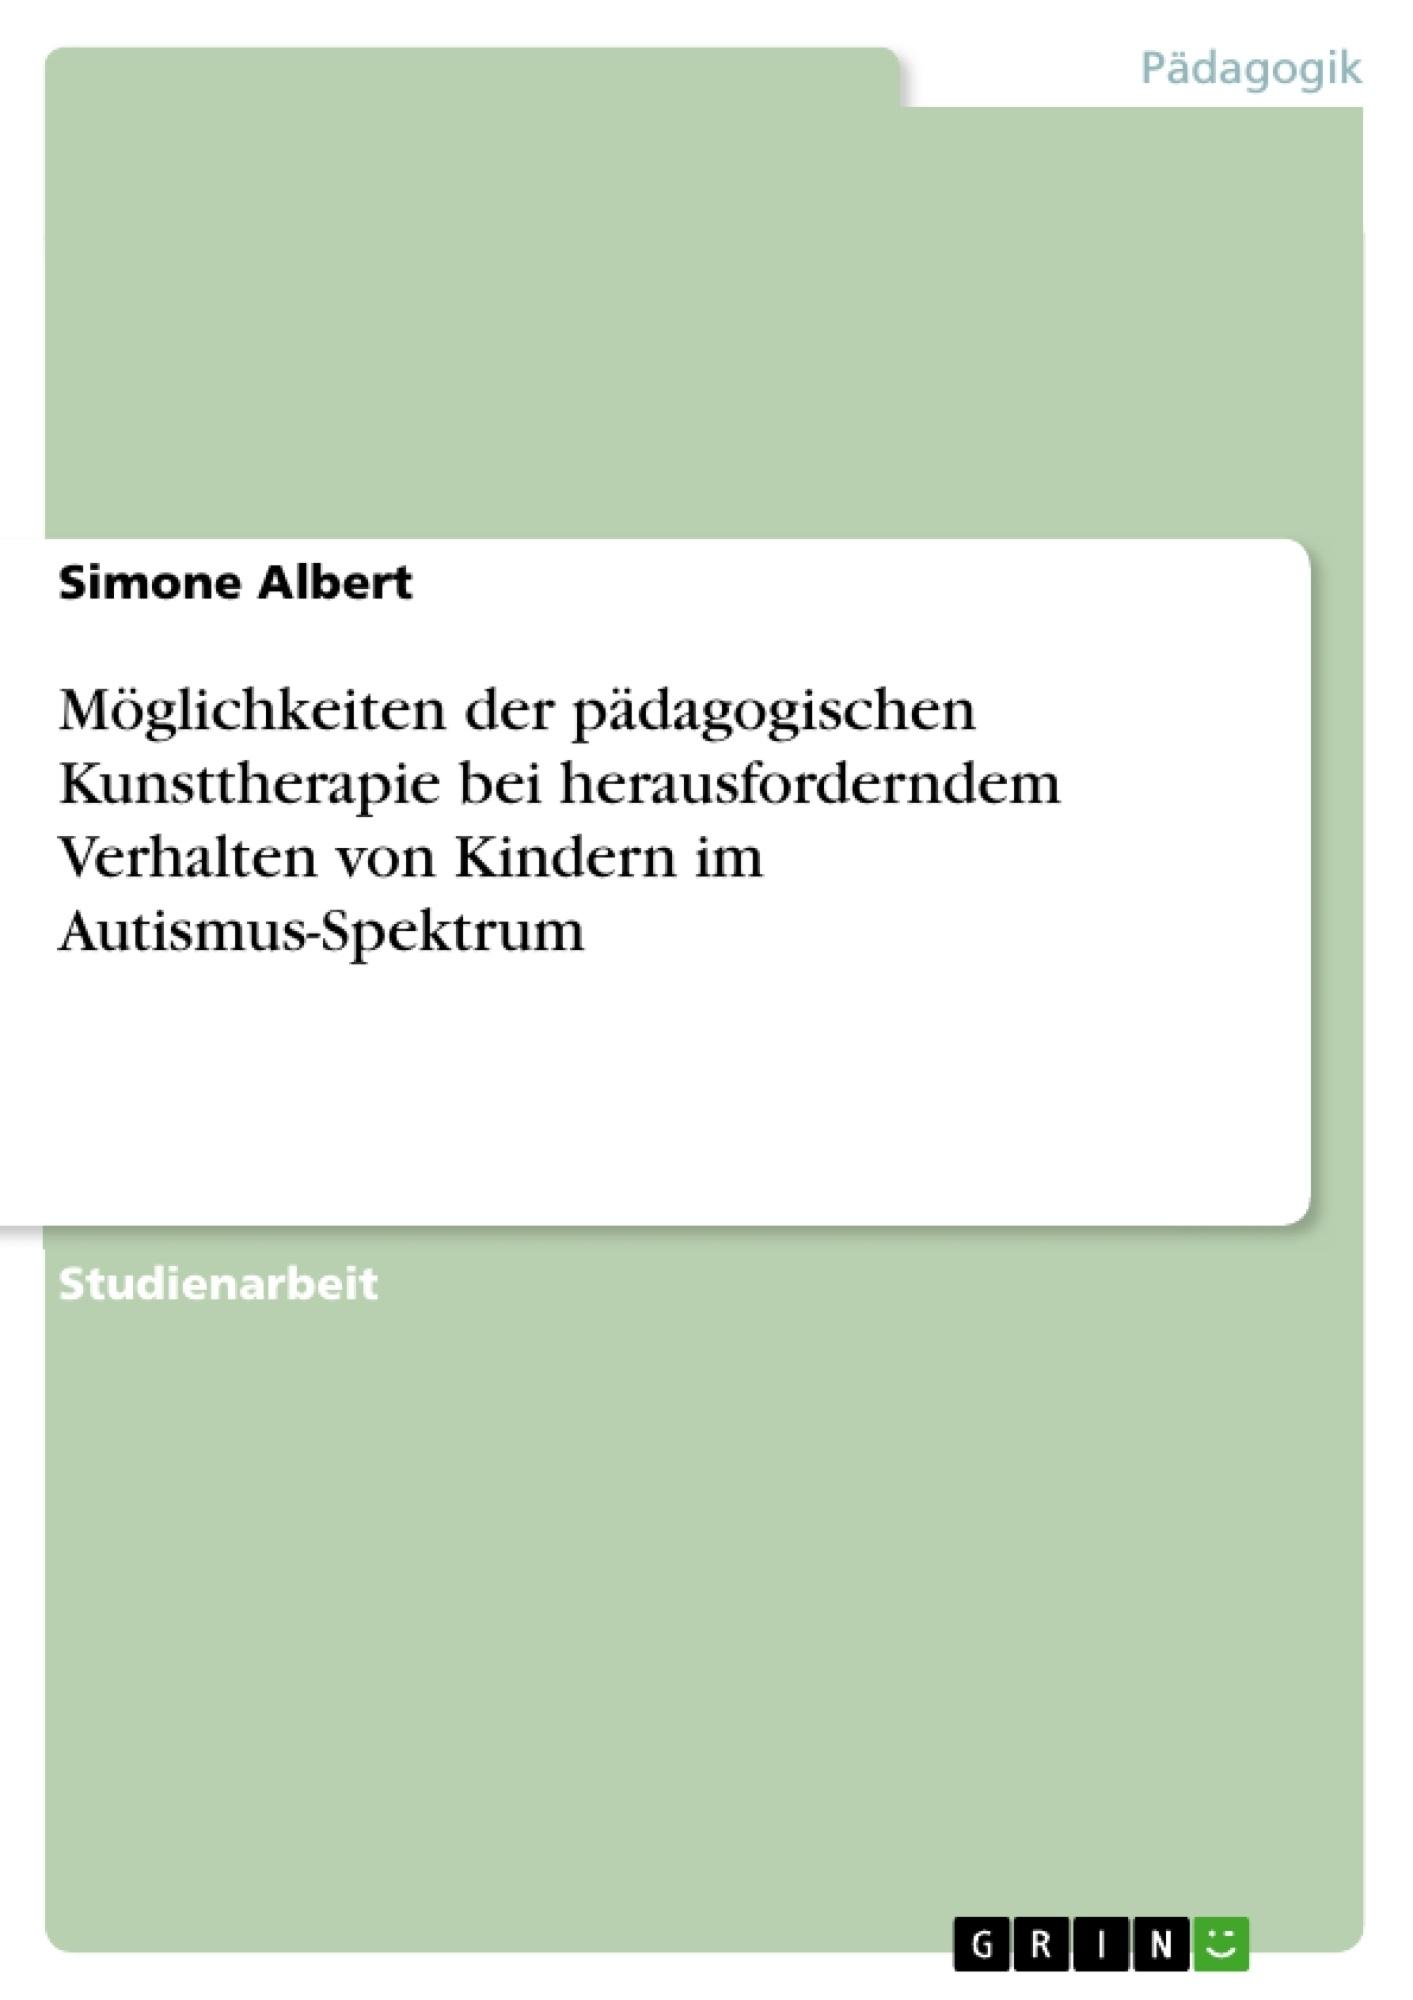 Titel: Möglichkeiten der pädagogischen Kunsttherapie bei herausforderndem Verhalten von Kindern im Autismus-Spektrum